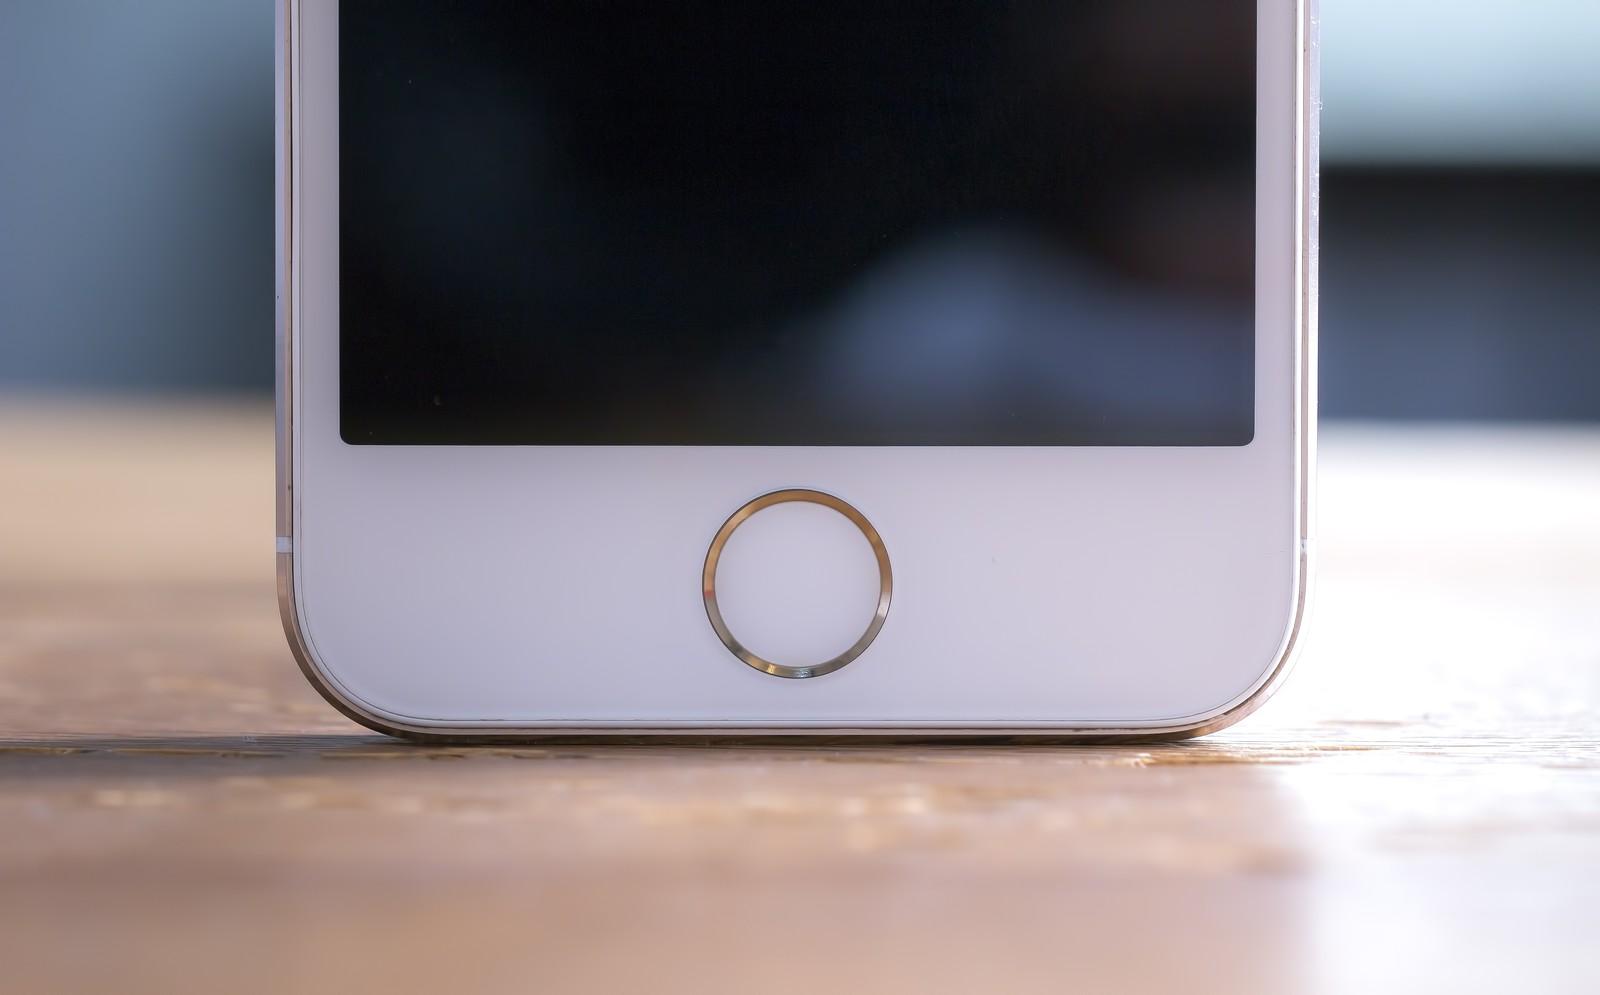 iPhoneのホームボタンが効かなくなった、壊れたときの対処法